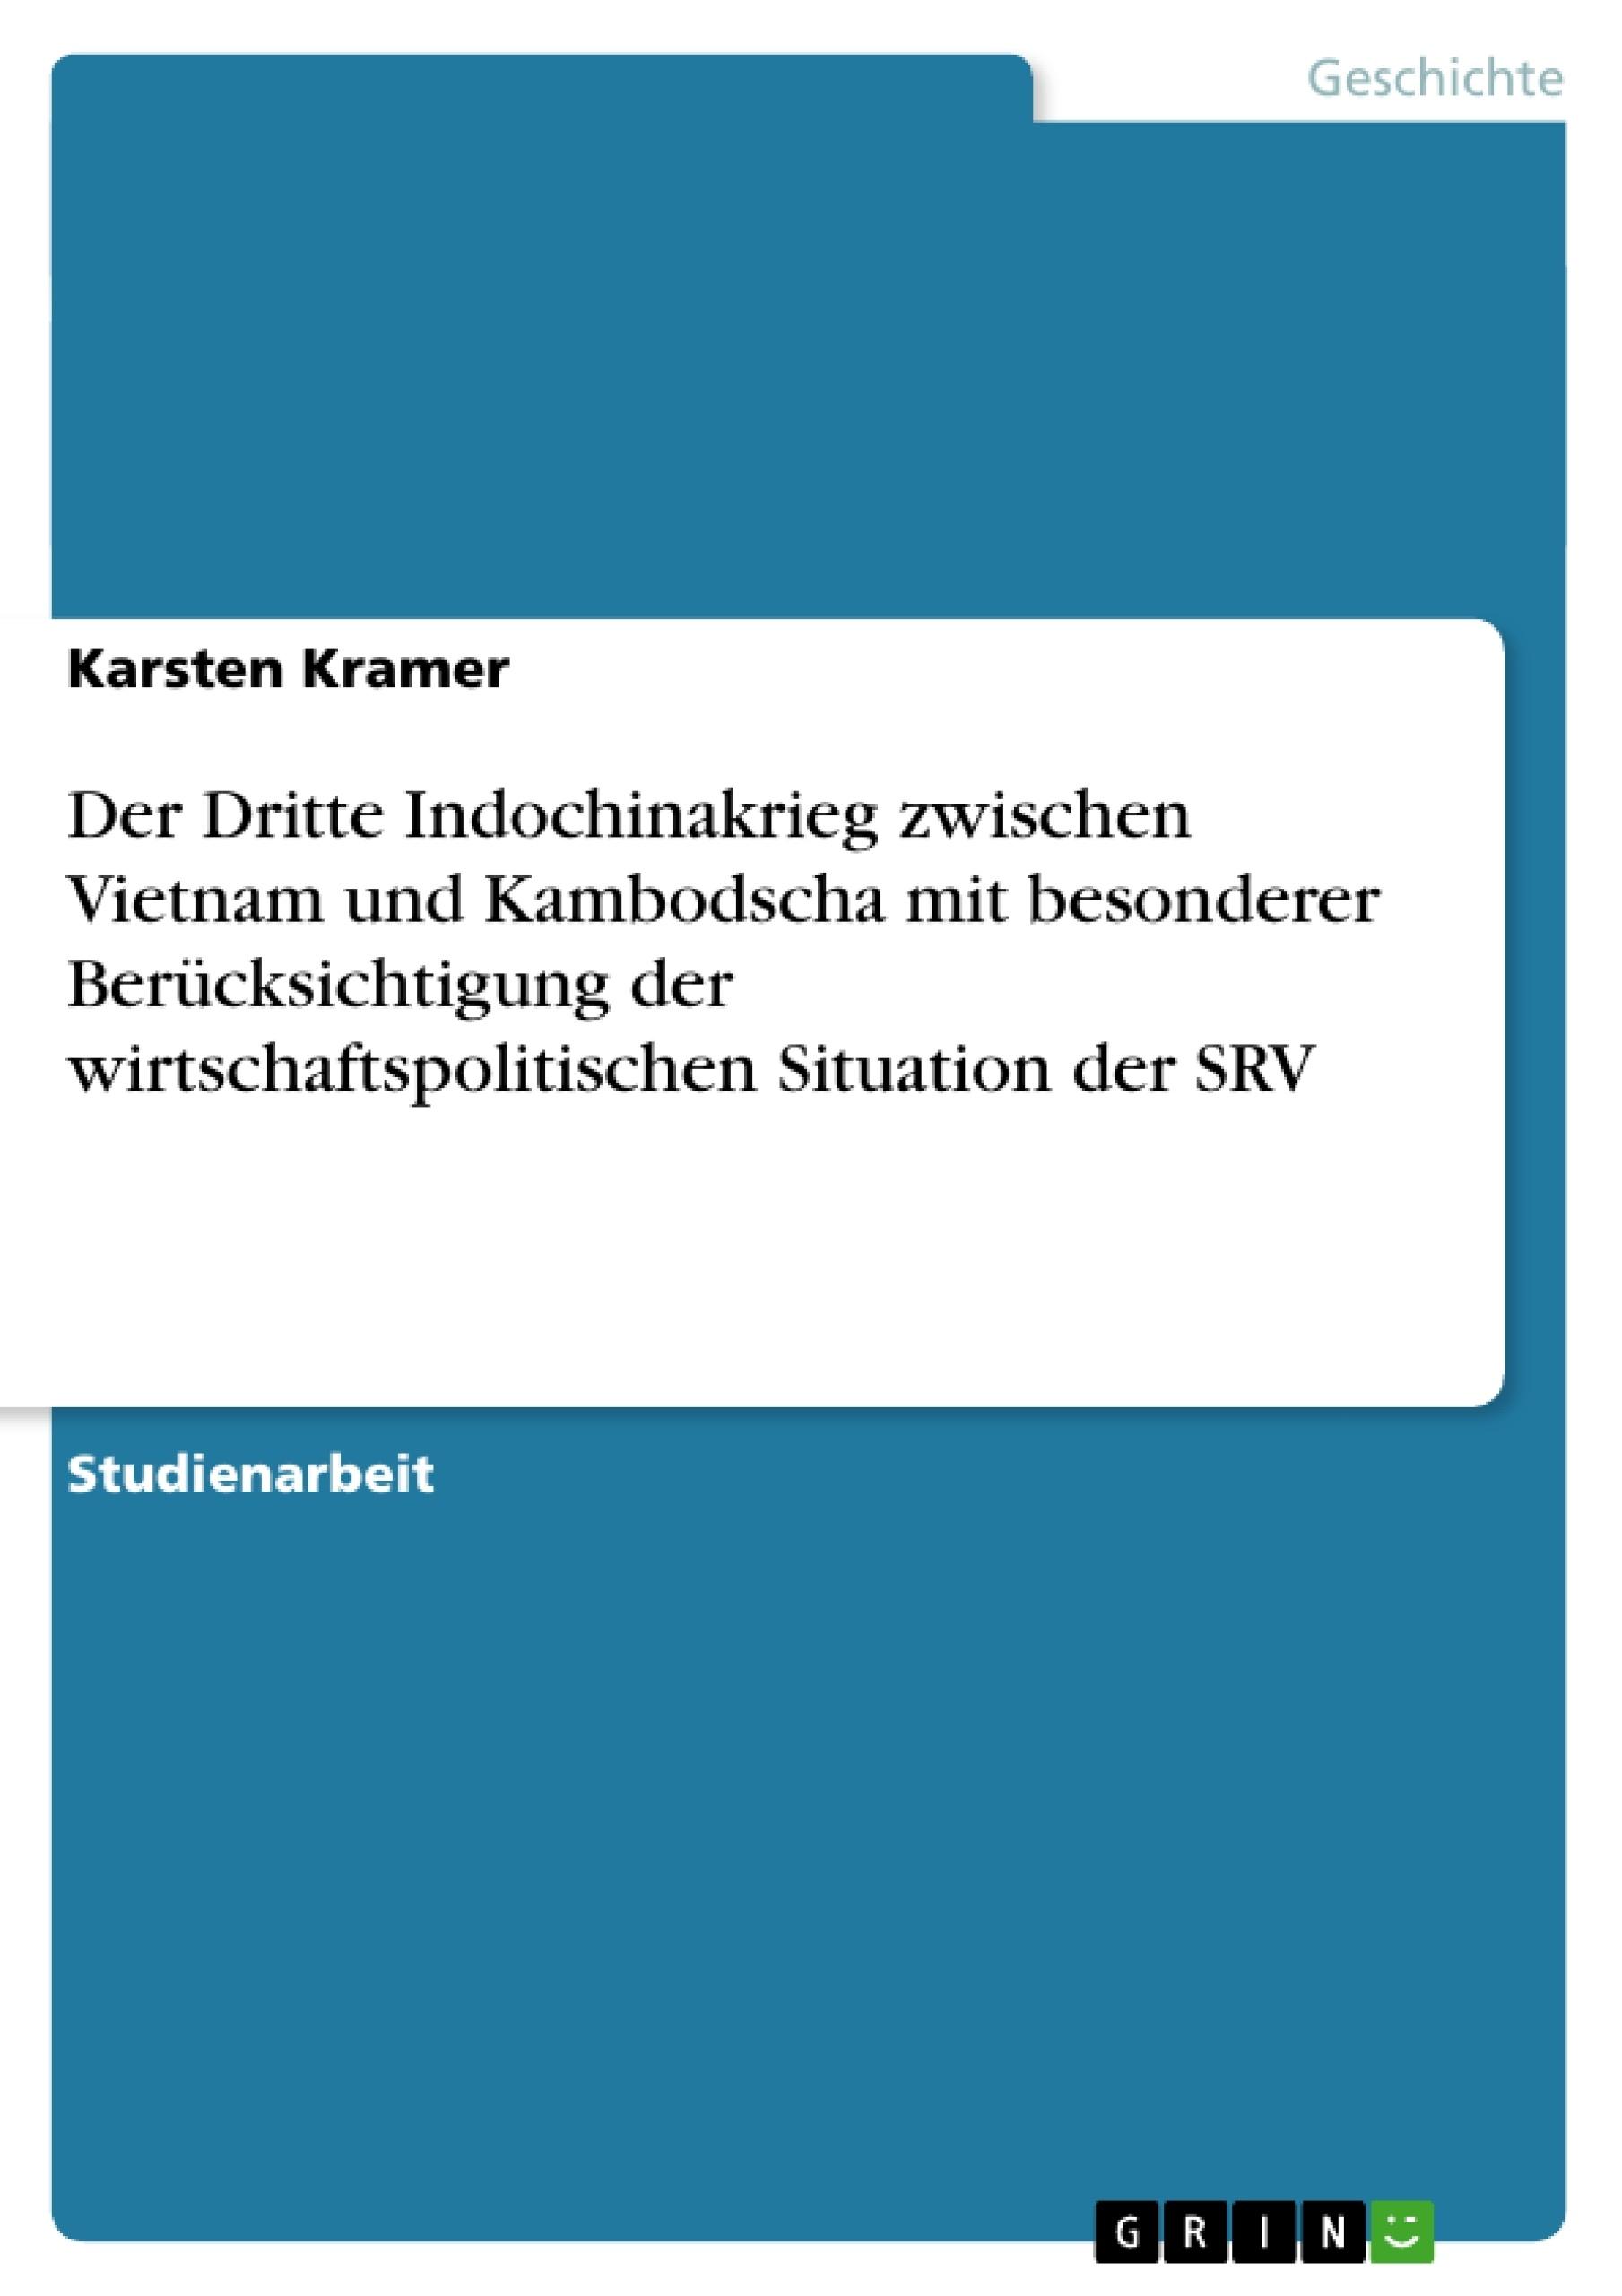 Titel: Der Dritte Indochinakrieg zwischen Vietnam und Kambodscha mit besonderer Berücksichtigung der wirtschaftspolitischen Situation der SRV